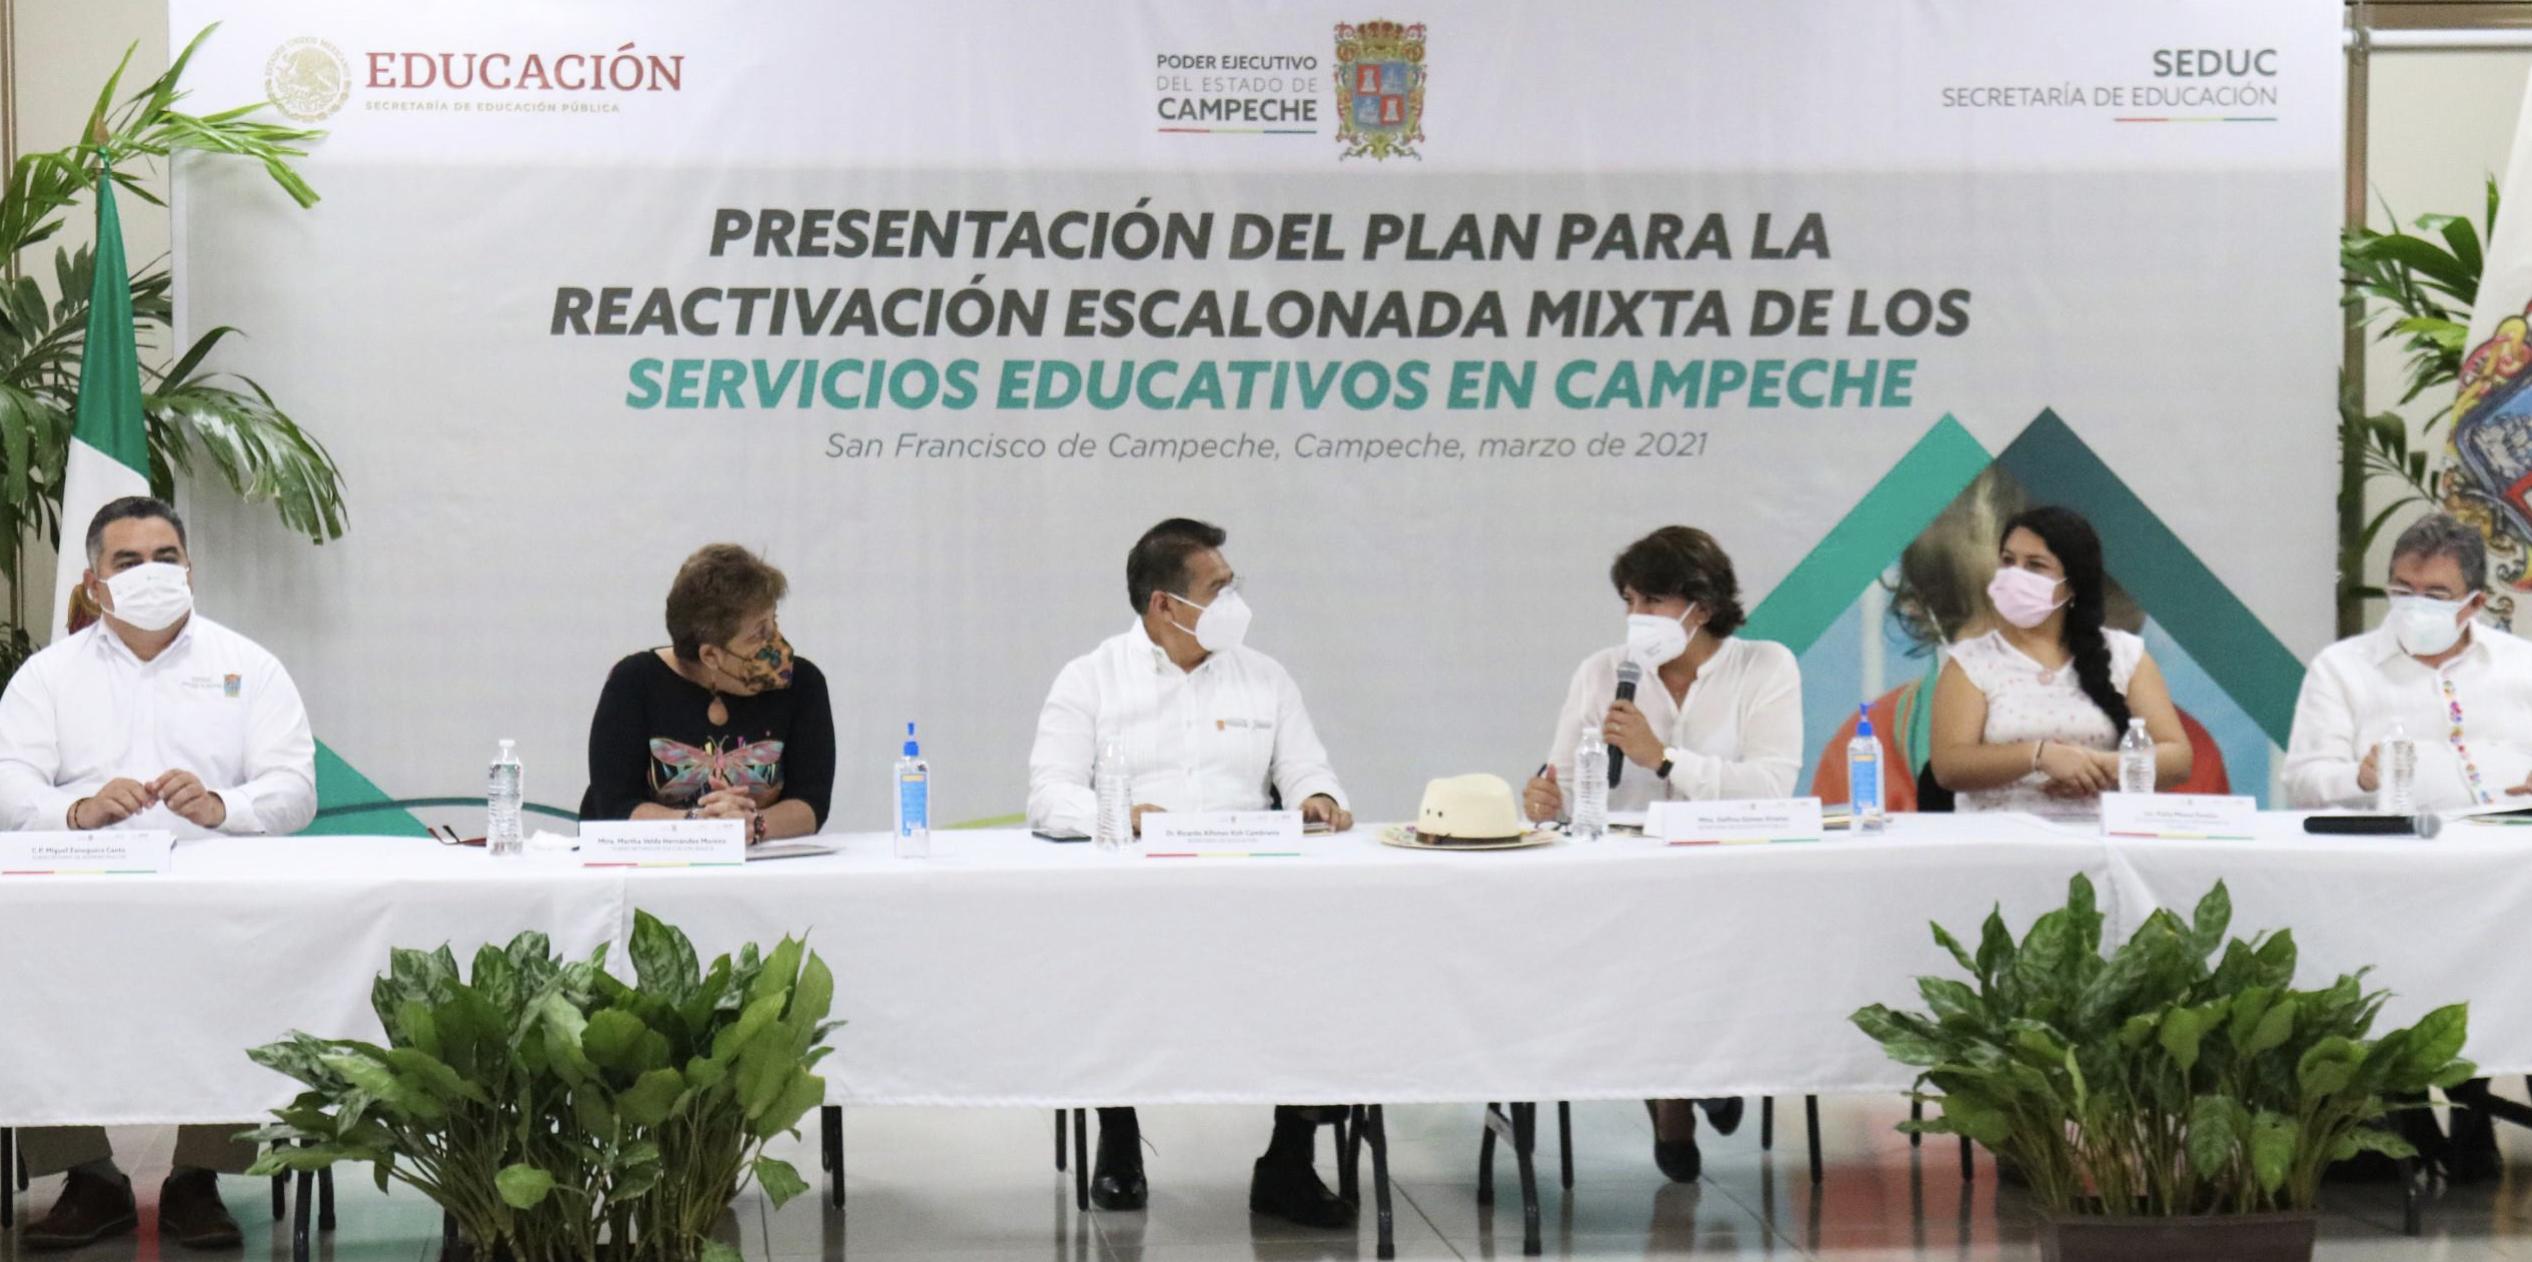 Boletín No. 60  Avanzan Educación y Gobierno de Campeche en el plan para la reactivación de los servicios educativos en la entidad